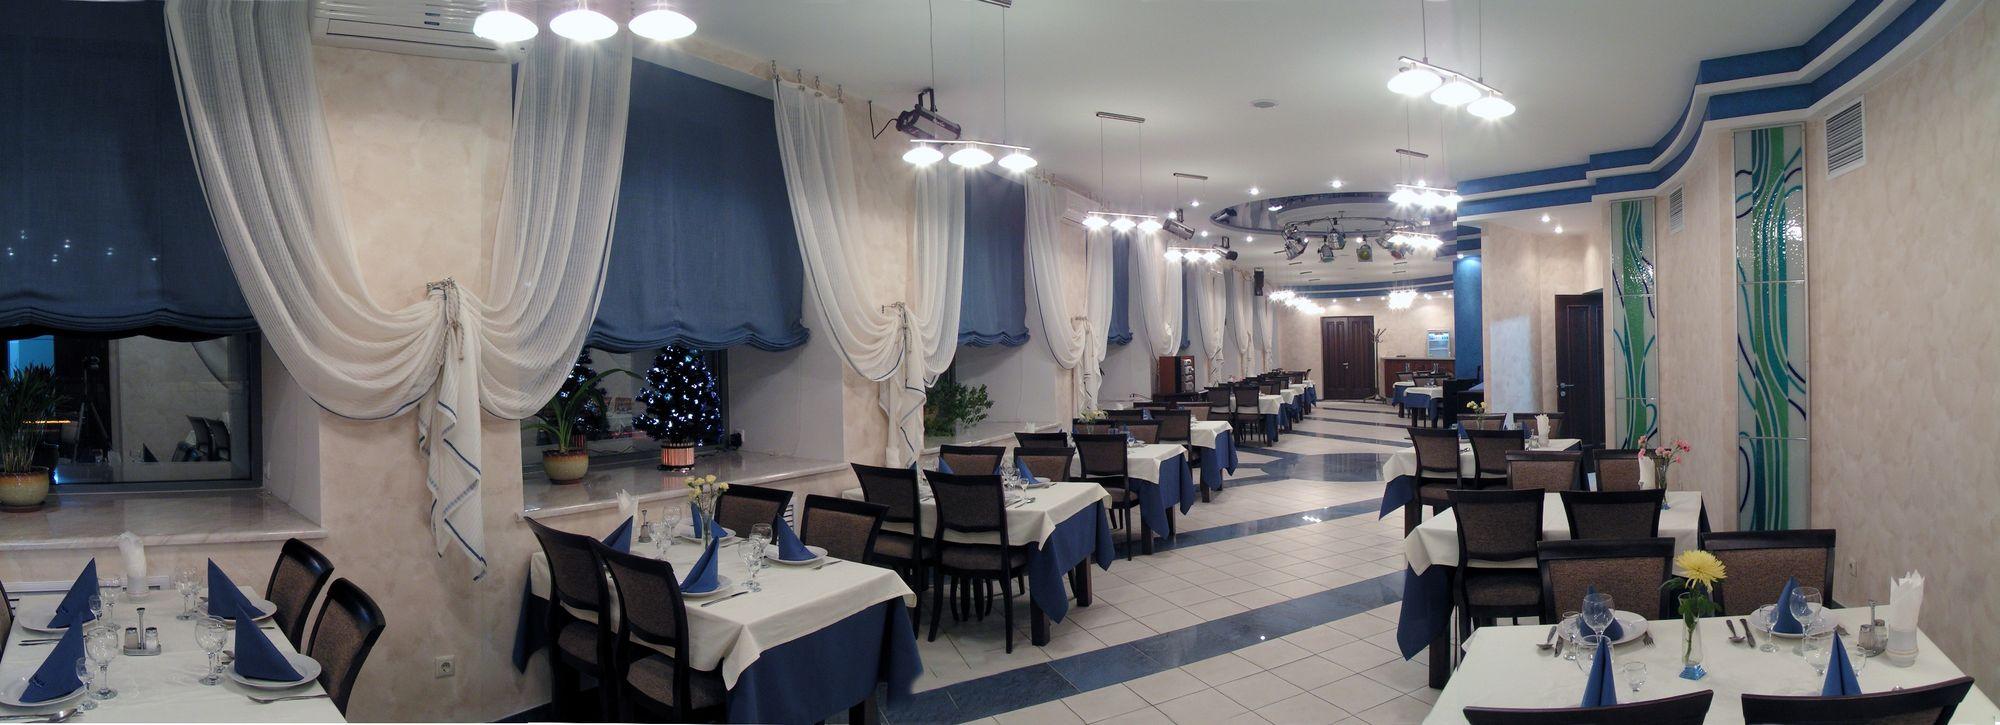 Ресторан Волга Казань. Банкетный зал.